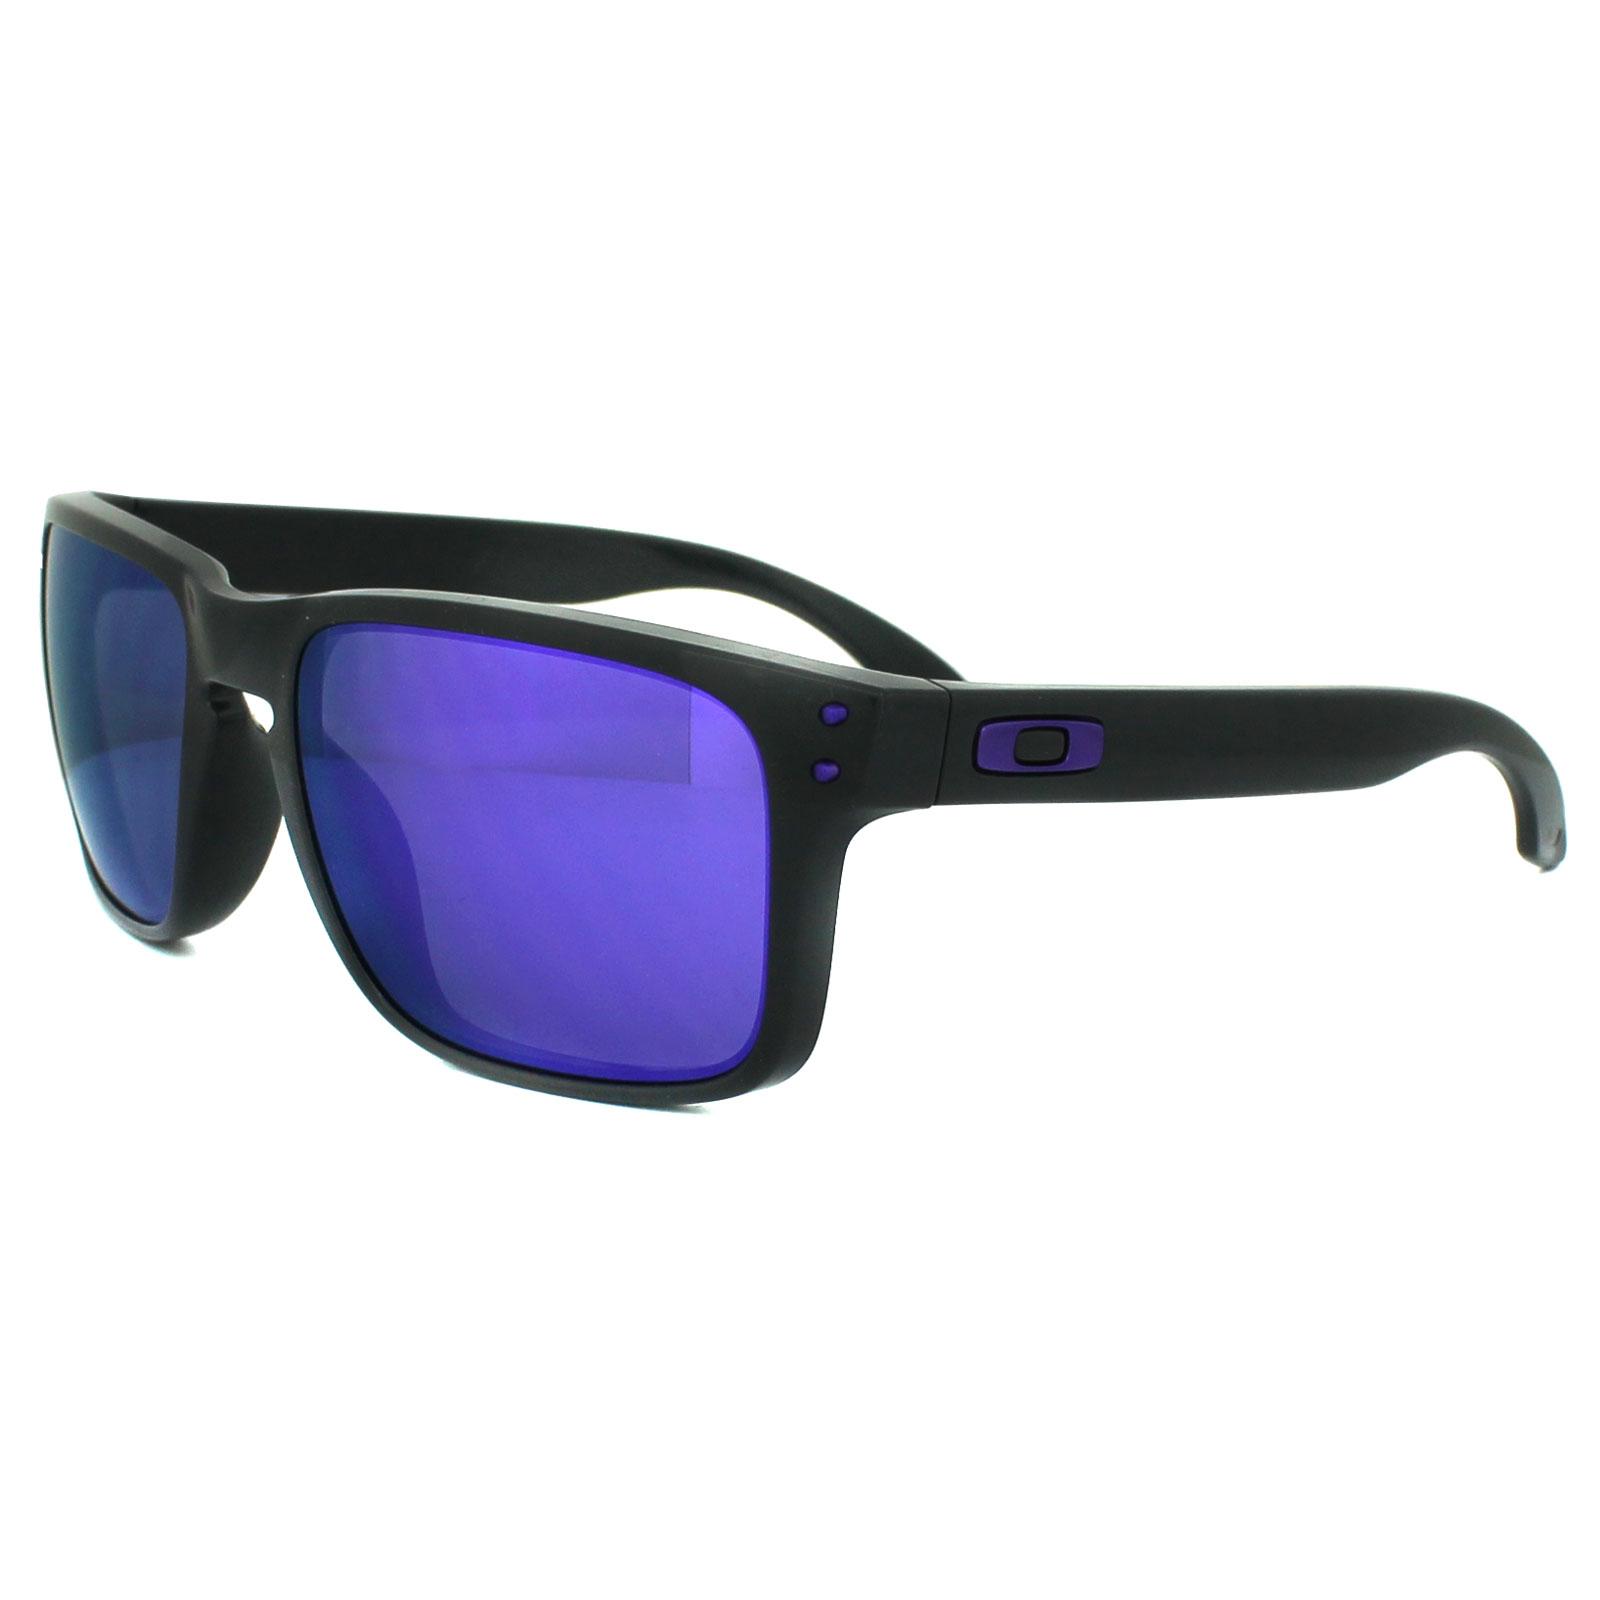 45316130f2c Oakley Holbrook Purple Iridium « Heritage Malta